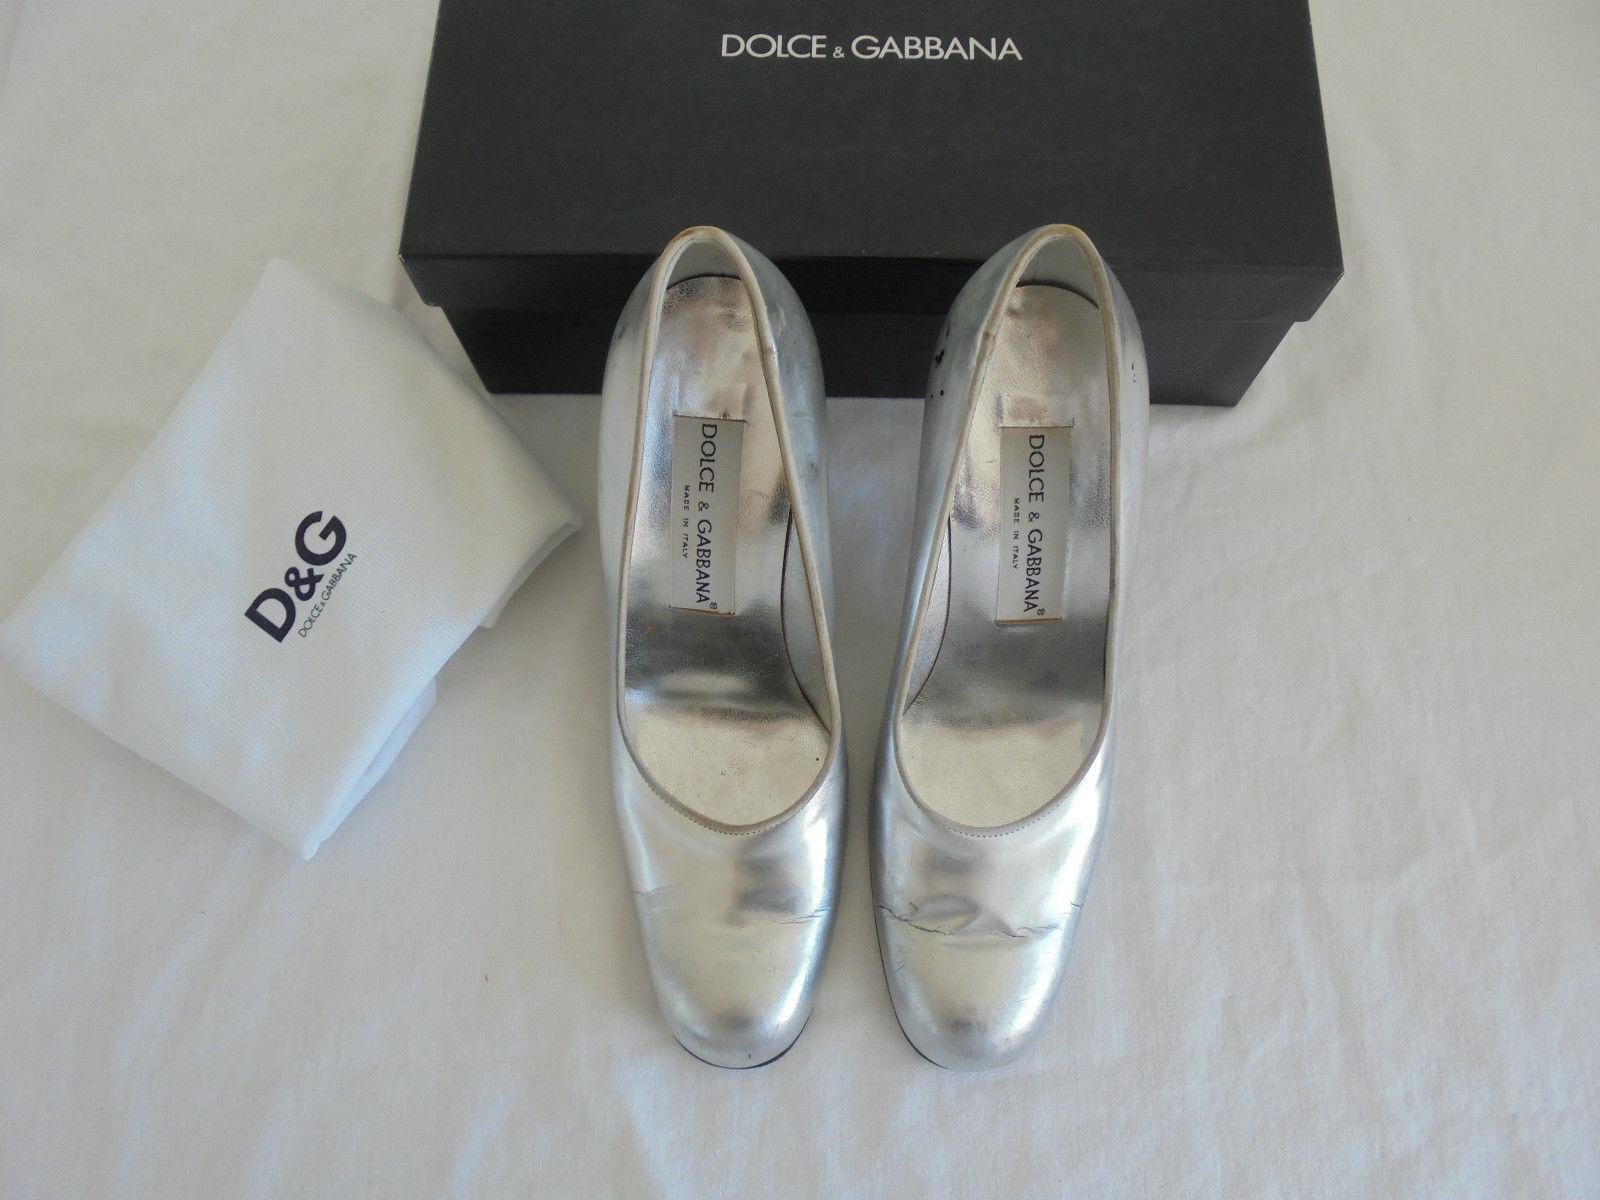 amp;g Np Scarpe Gabbana Lusso D amp; In Pelle Décolleté Alto Tacco Dolce wxqzp8